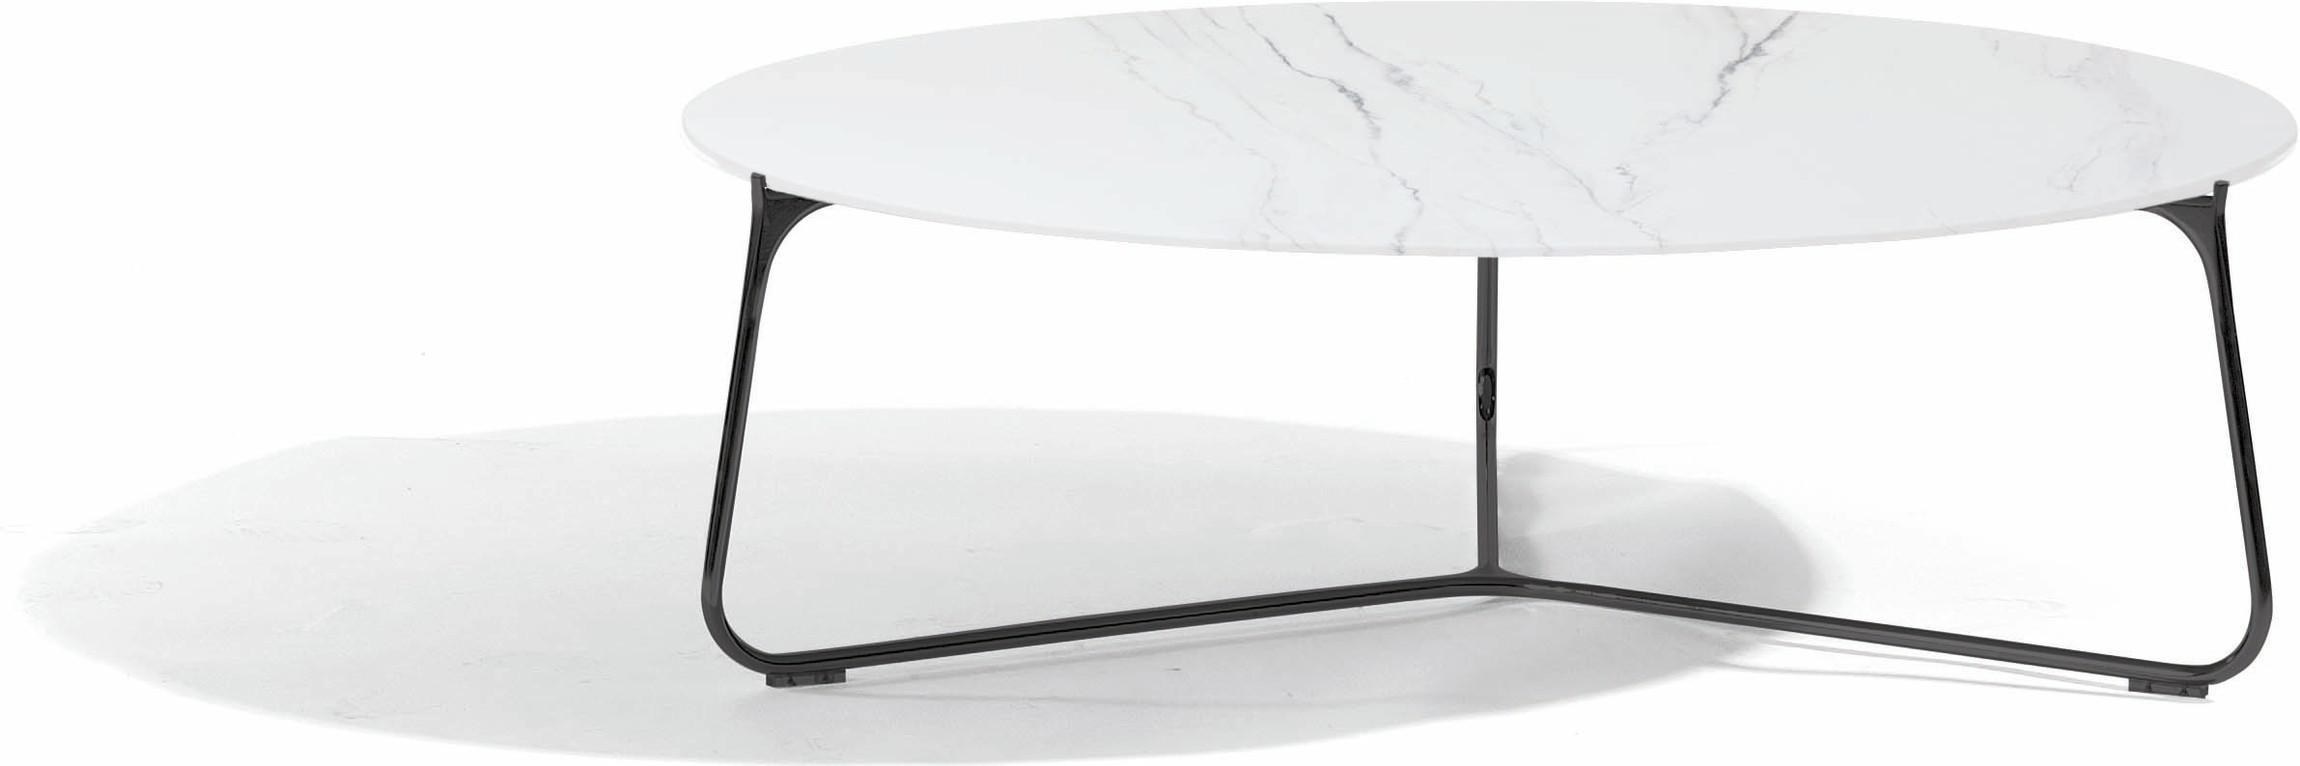 Table basse Mood - lave - céramique marbre blanc - 100